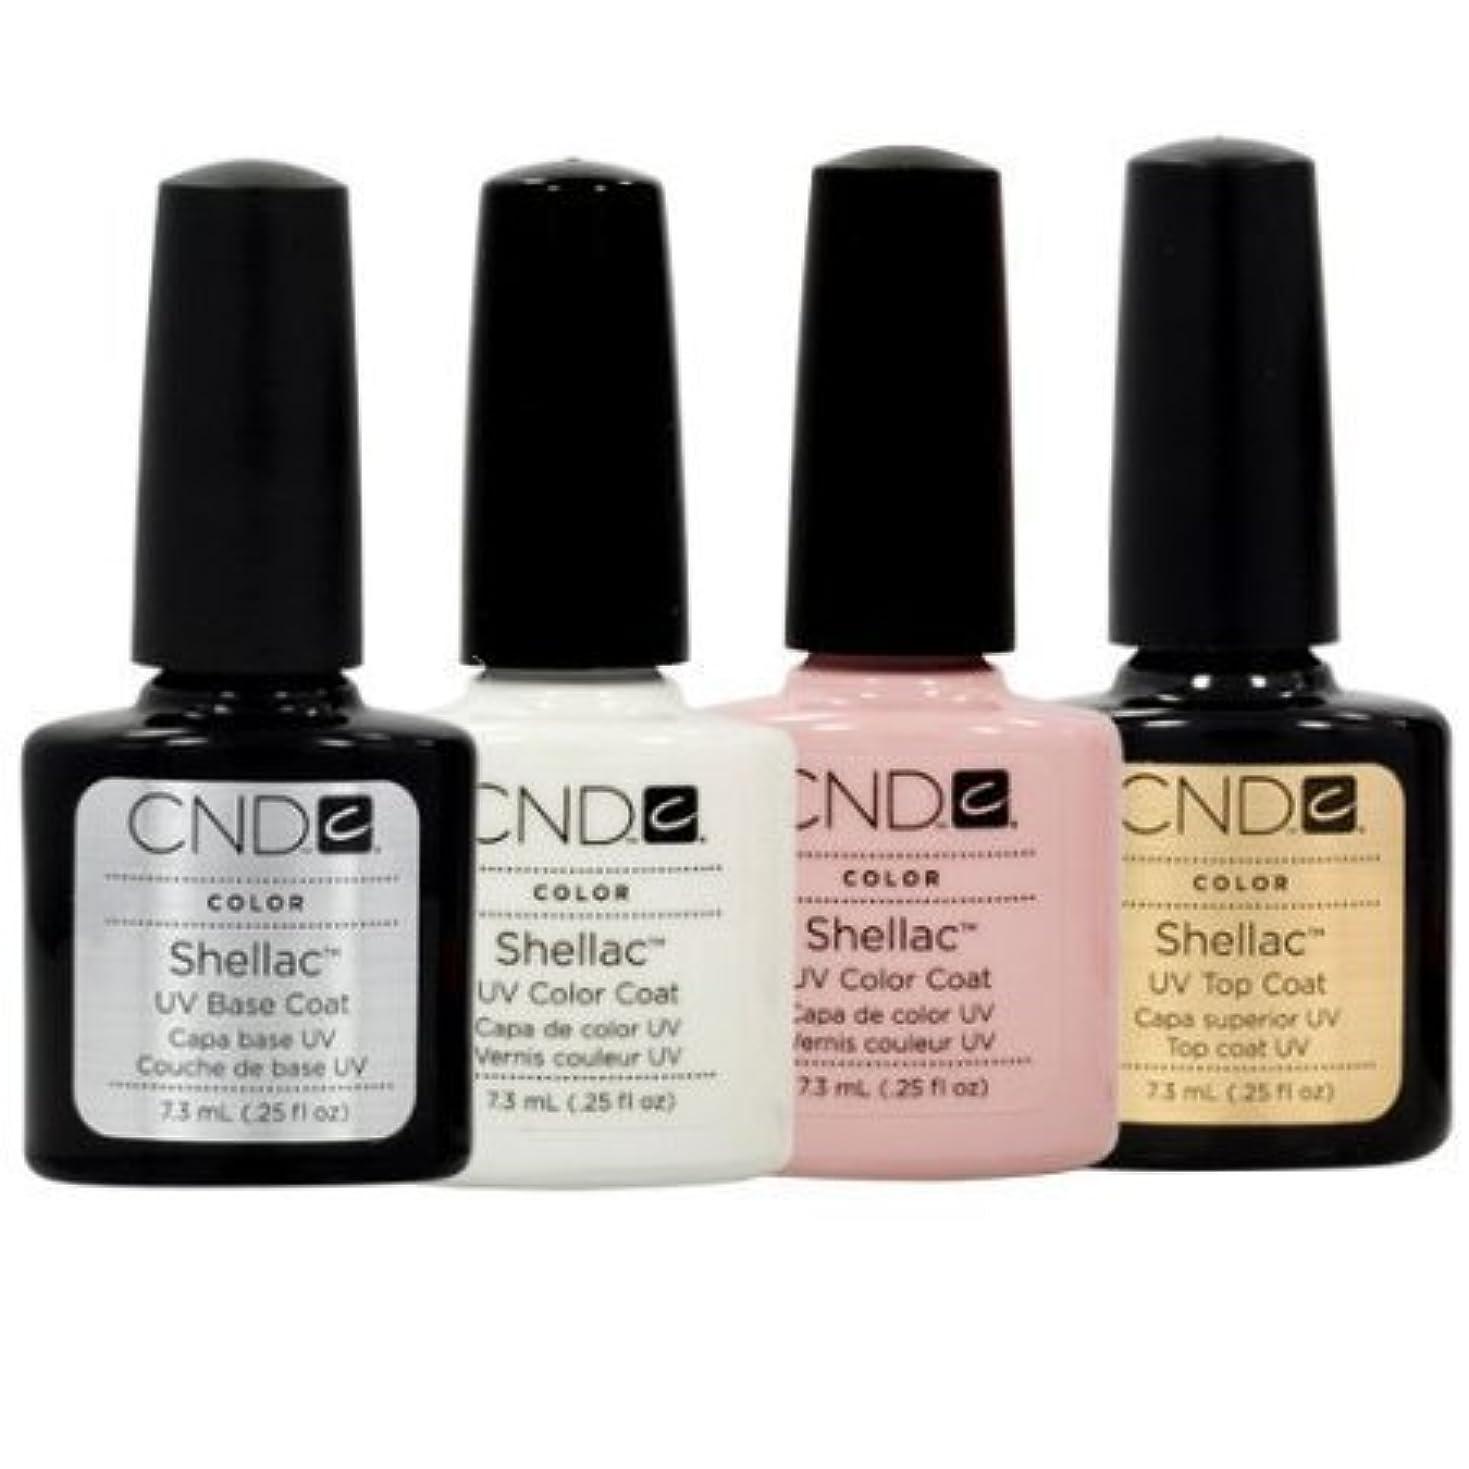 専門知識アレルギー性膨らませるCND Shellac French Manicure Kit Base Top Coat Color White Pink Nail Polish Gel by CND - Creative Nail Design [...